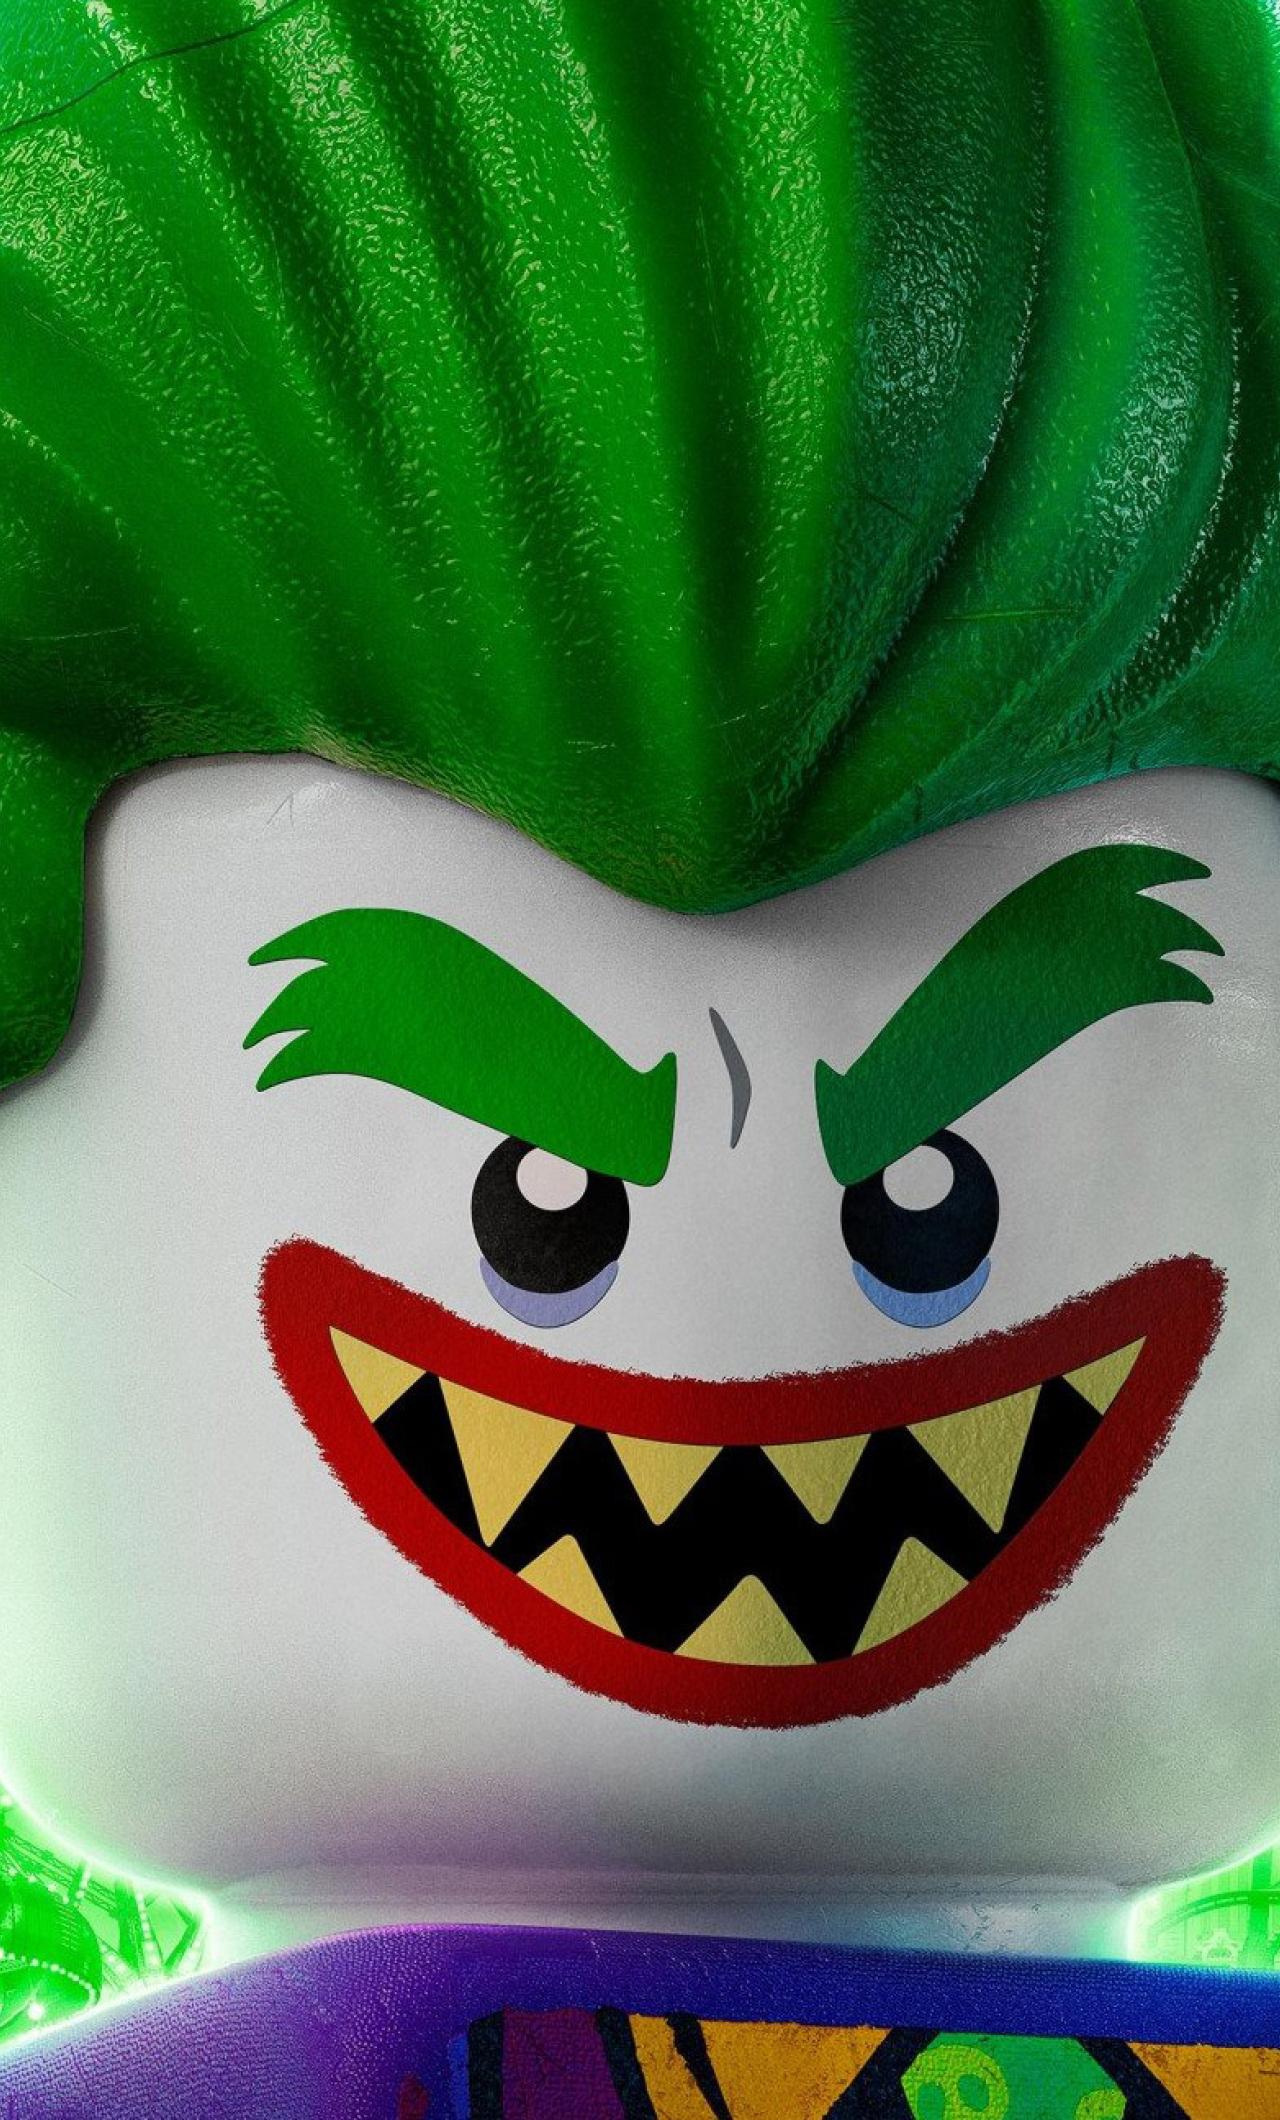 Joker Batman Images Download 120 Joker Mobile wallpapers